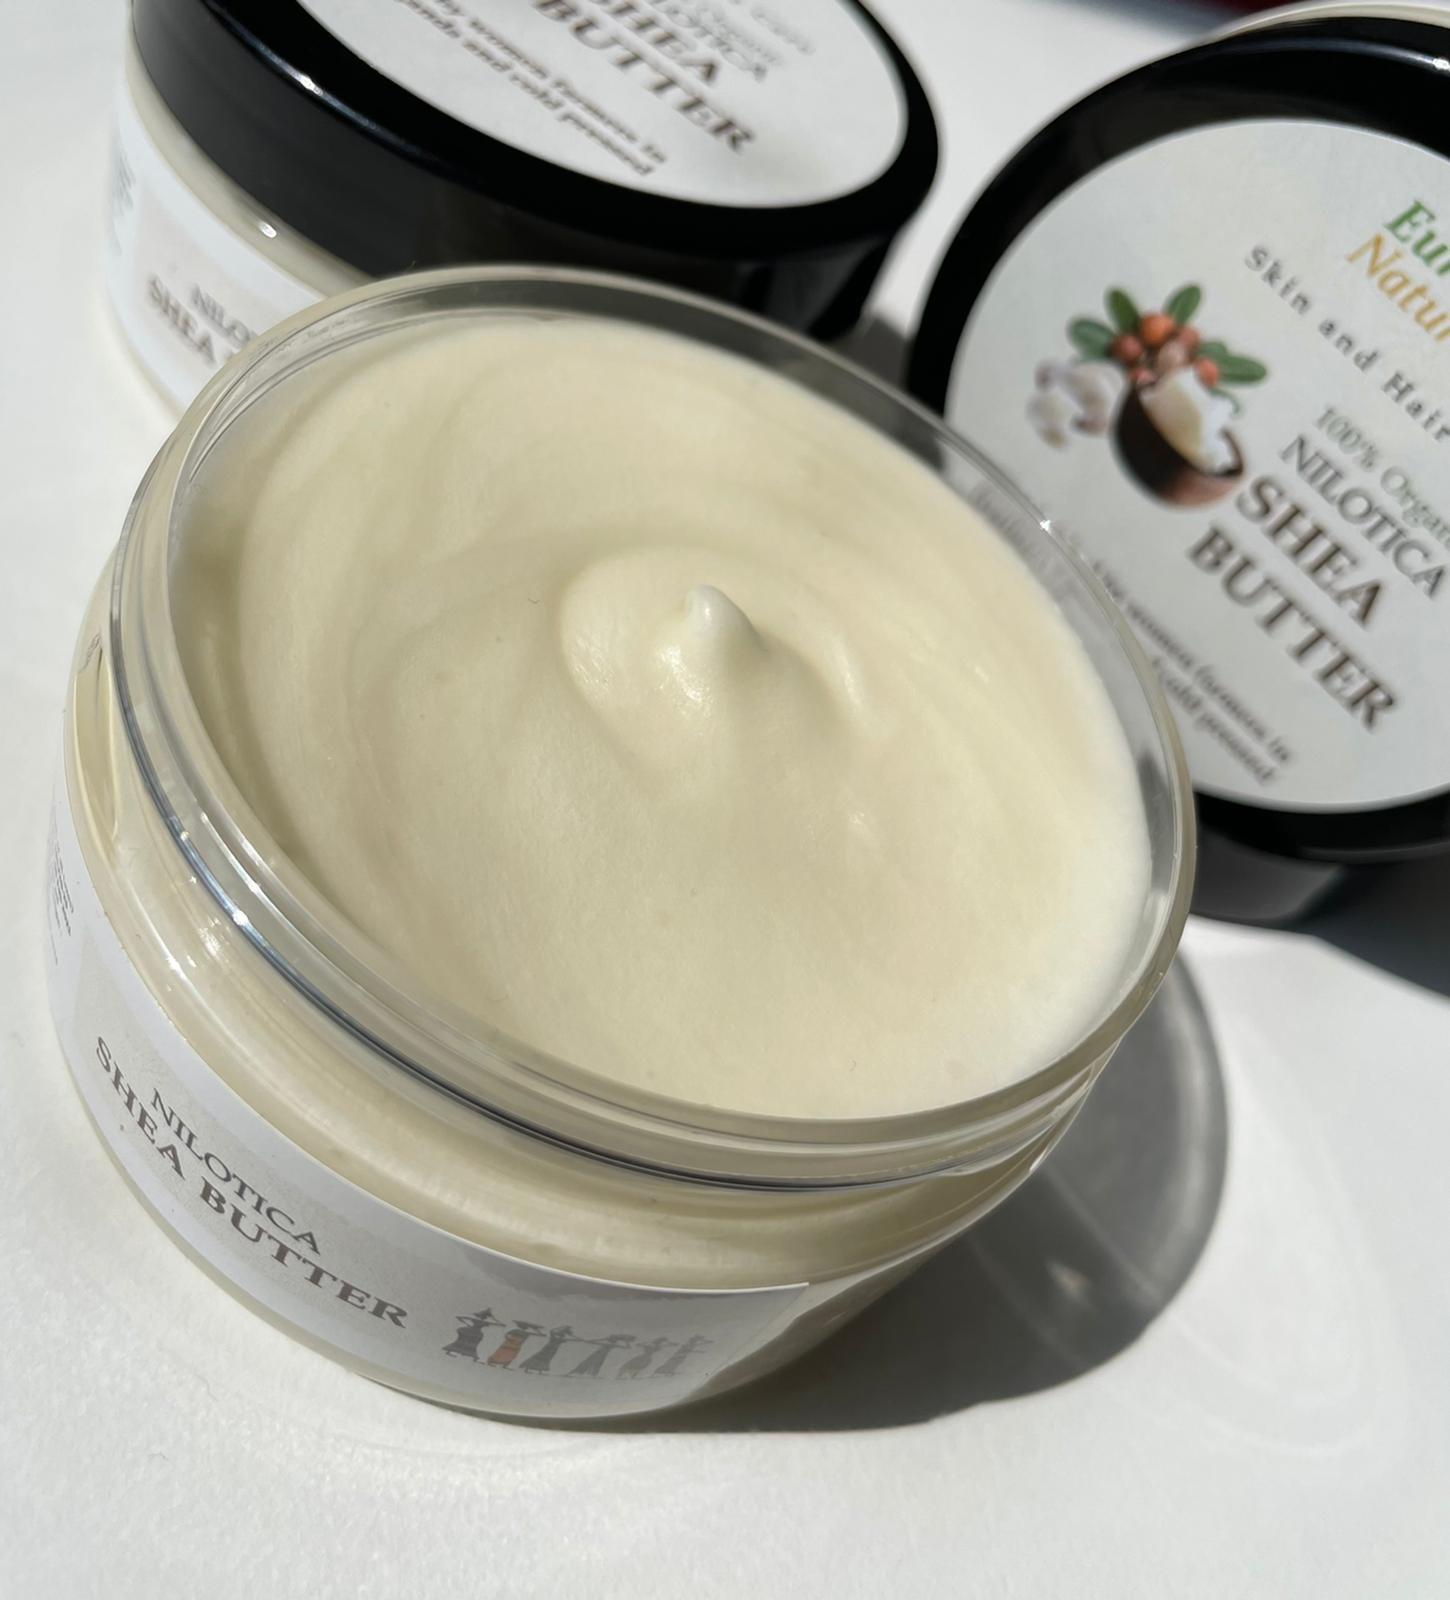 Pure Nilotica Shea Butter